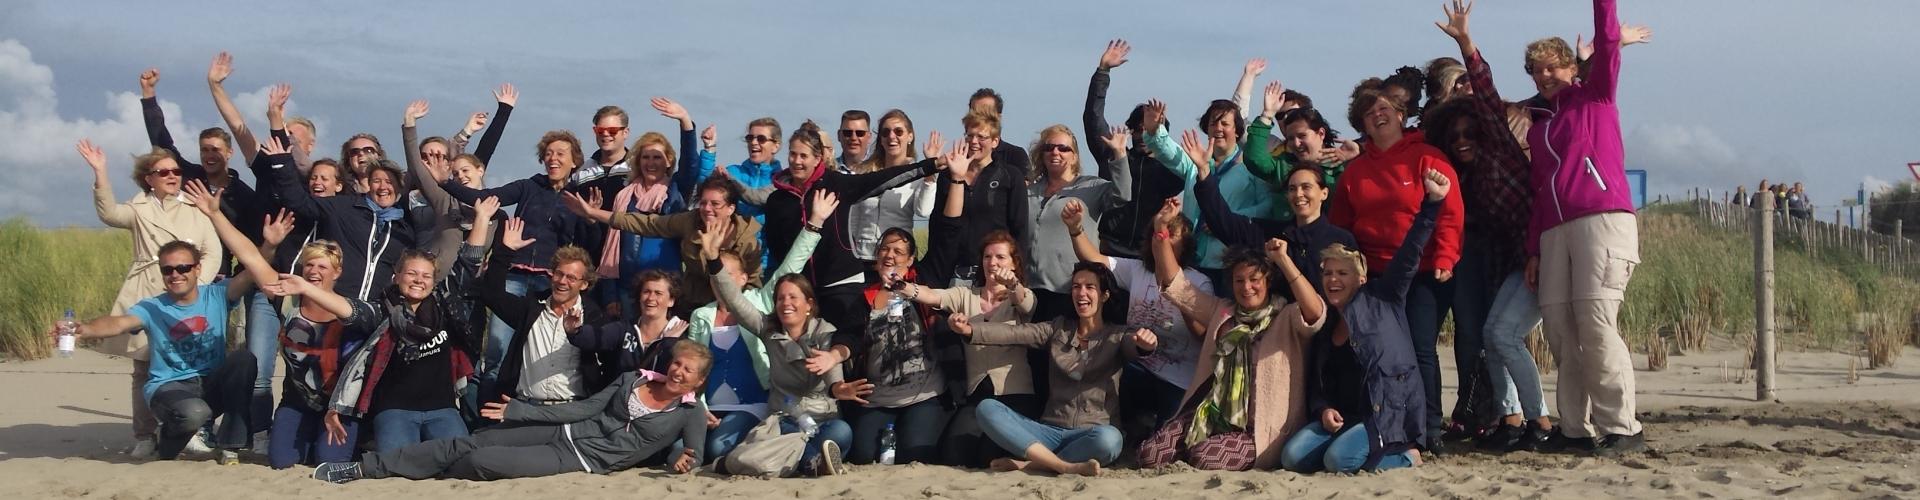 Bedrijfsuitje op het strand voor groepen